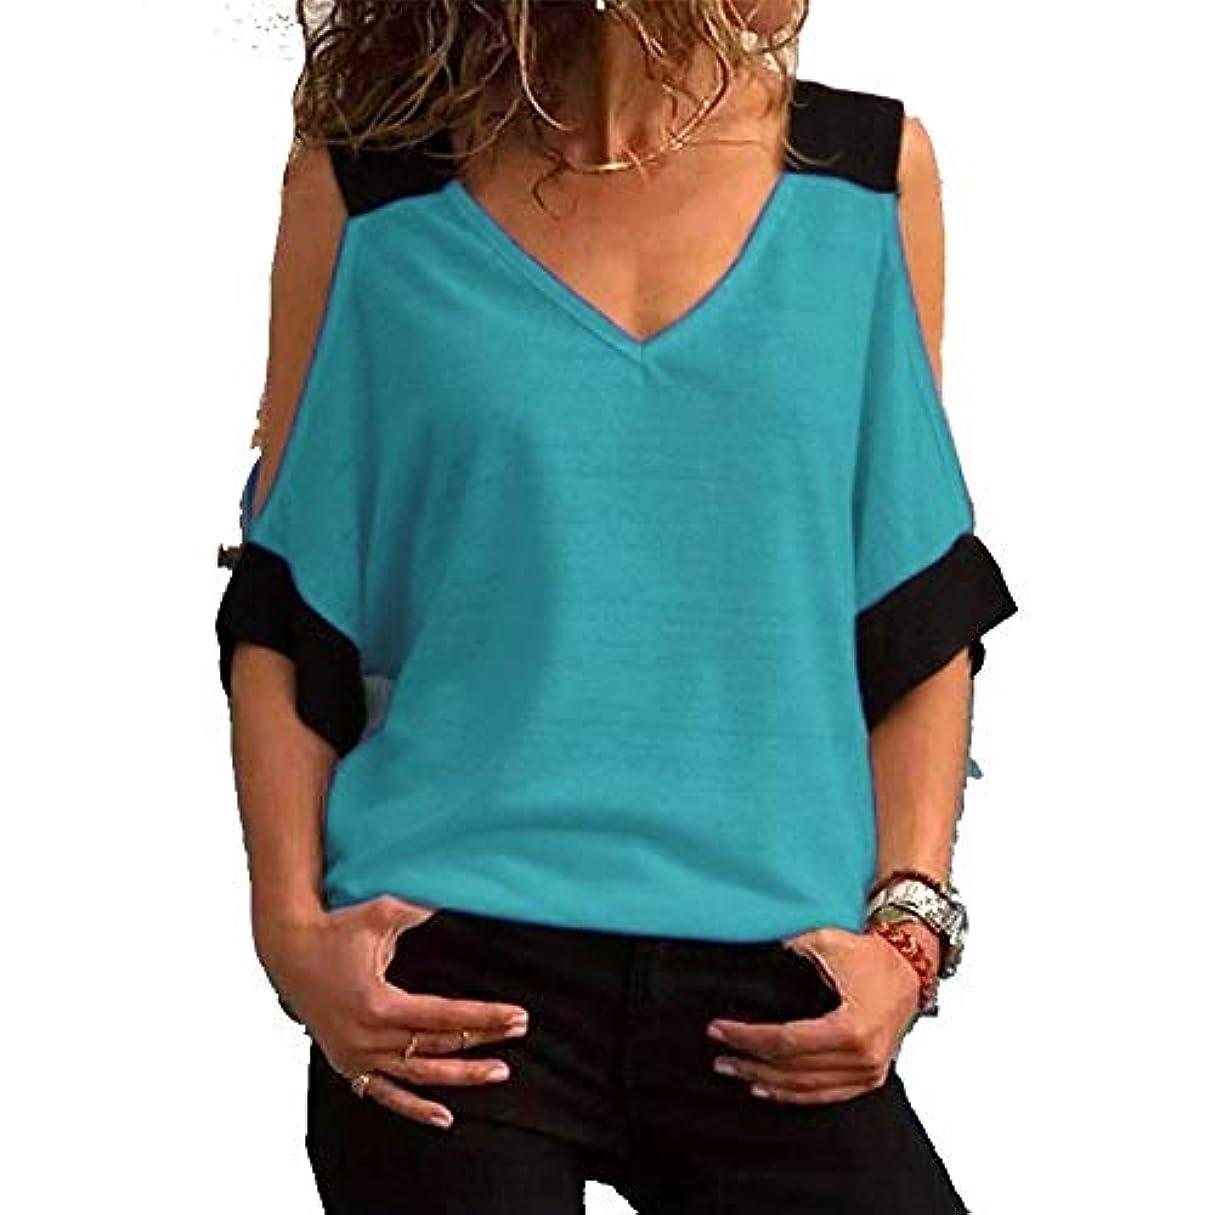 安定した泥くMIFAN女性ファッションカジュアルトップス女性ショルダーブラウスコットンTシャツディープVネック半袖